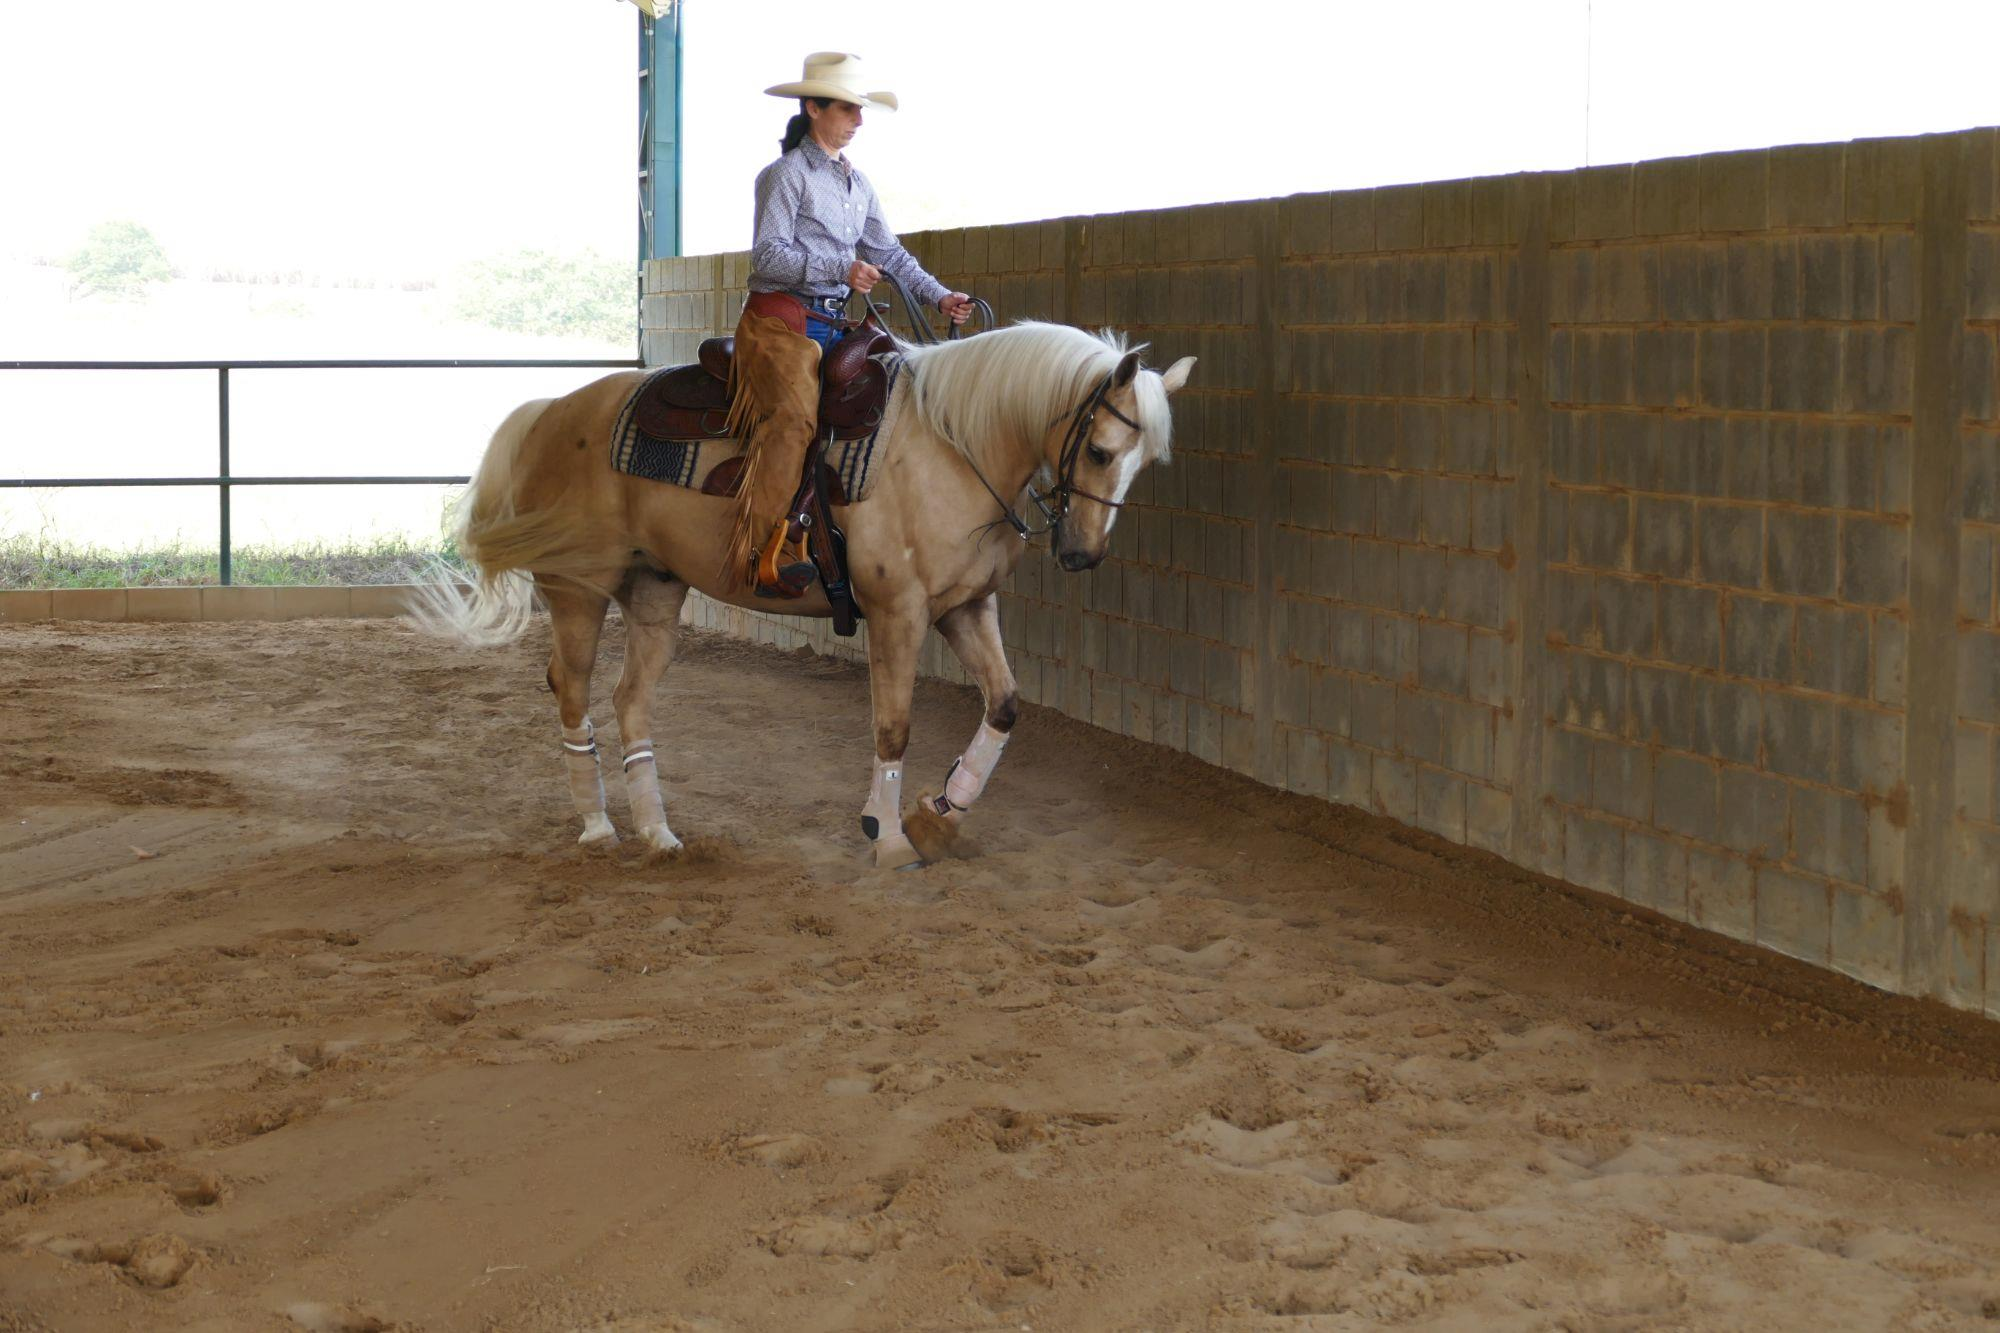 FOTO 4 - Travers, Apoio cavalos,  treinamento,  cavalos,  Revista Horse, Eduardo Borba, Exercícios da escola acadêmica - Parte 4